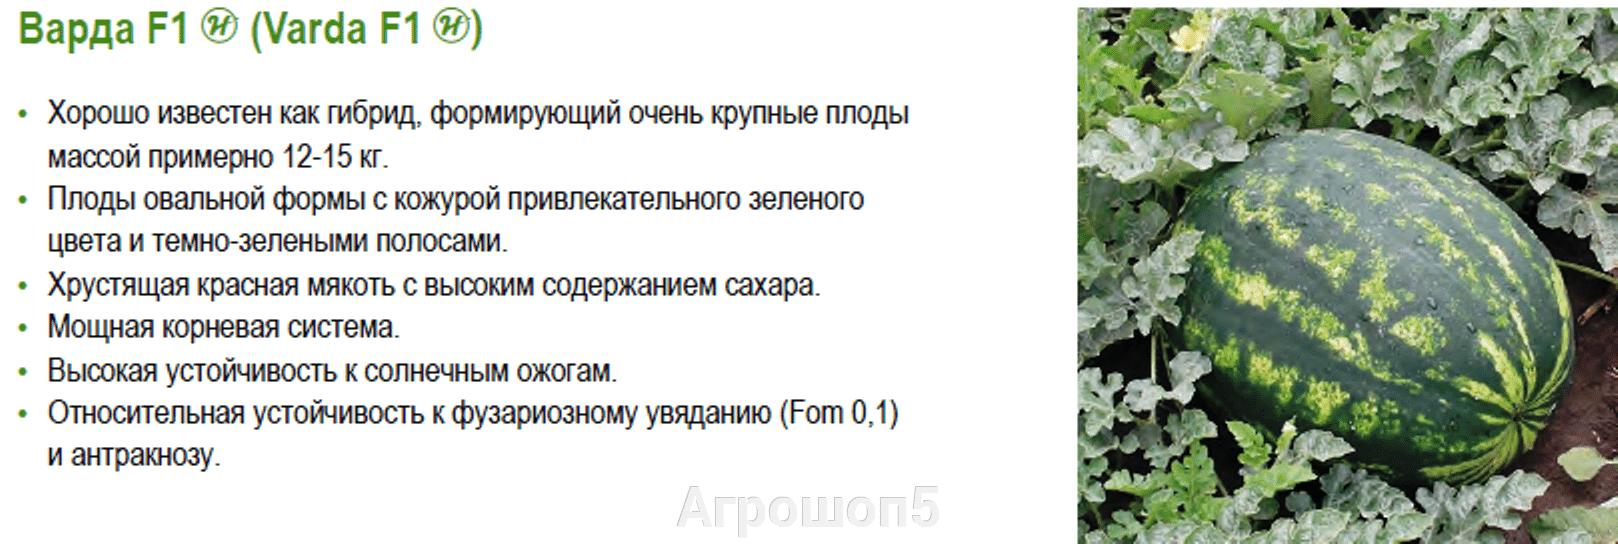 pic_8ff7196c06ff7a8ae240f0db19b138ae_1920x9000_1.png